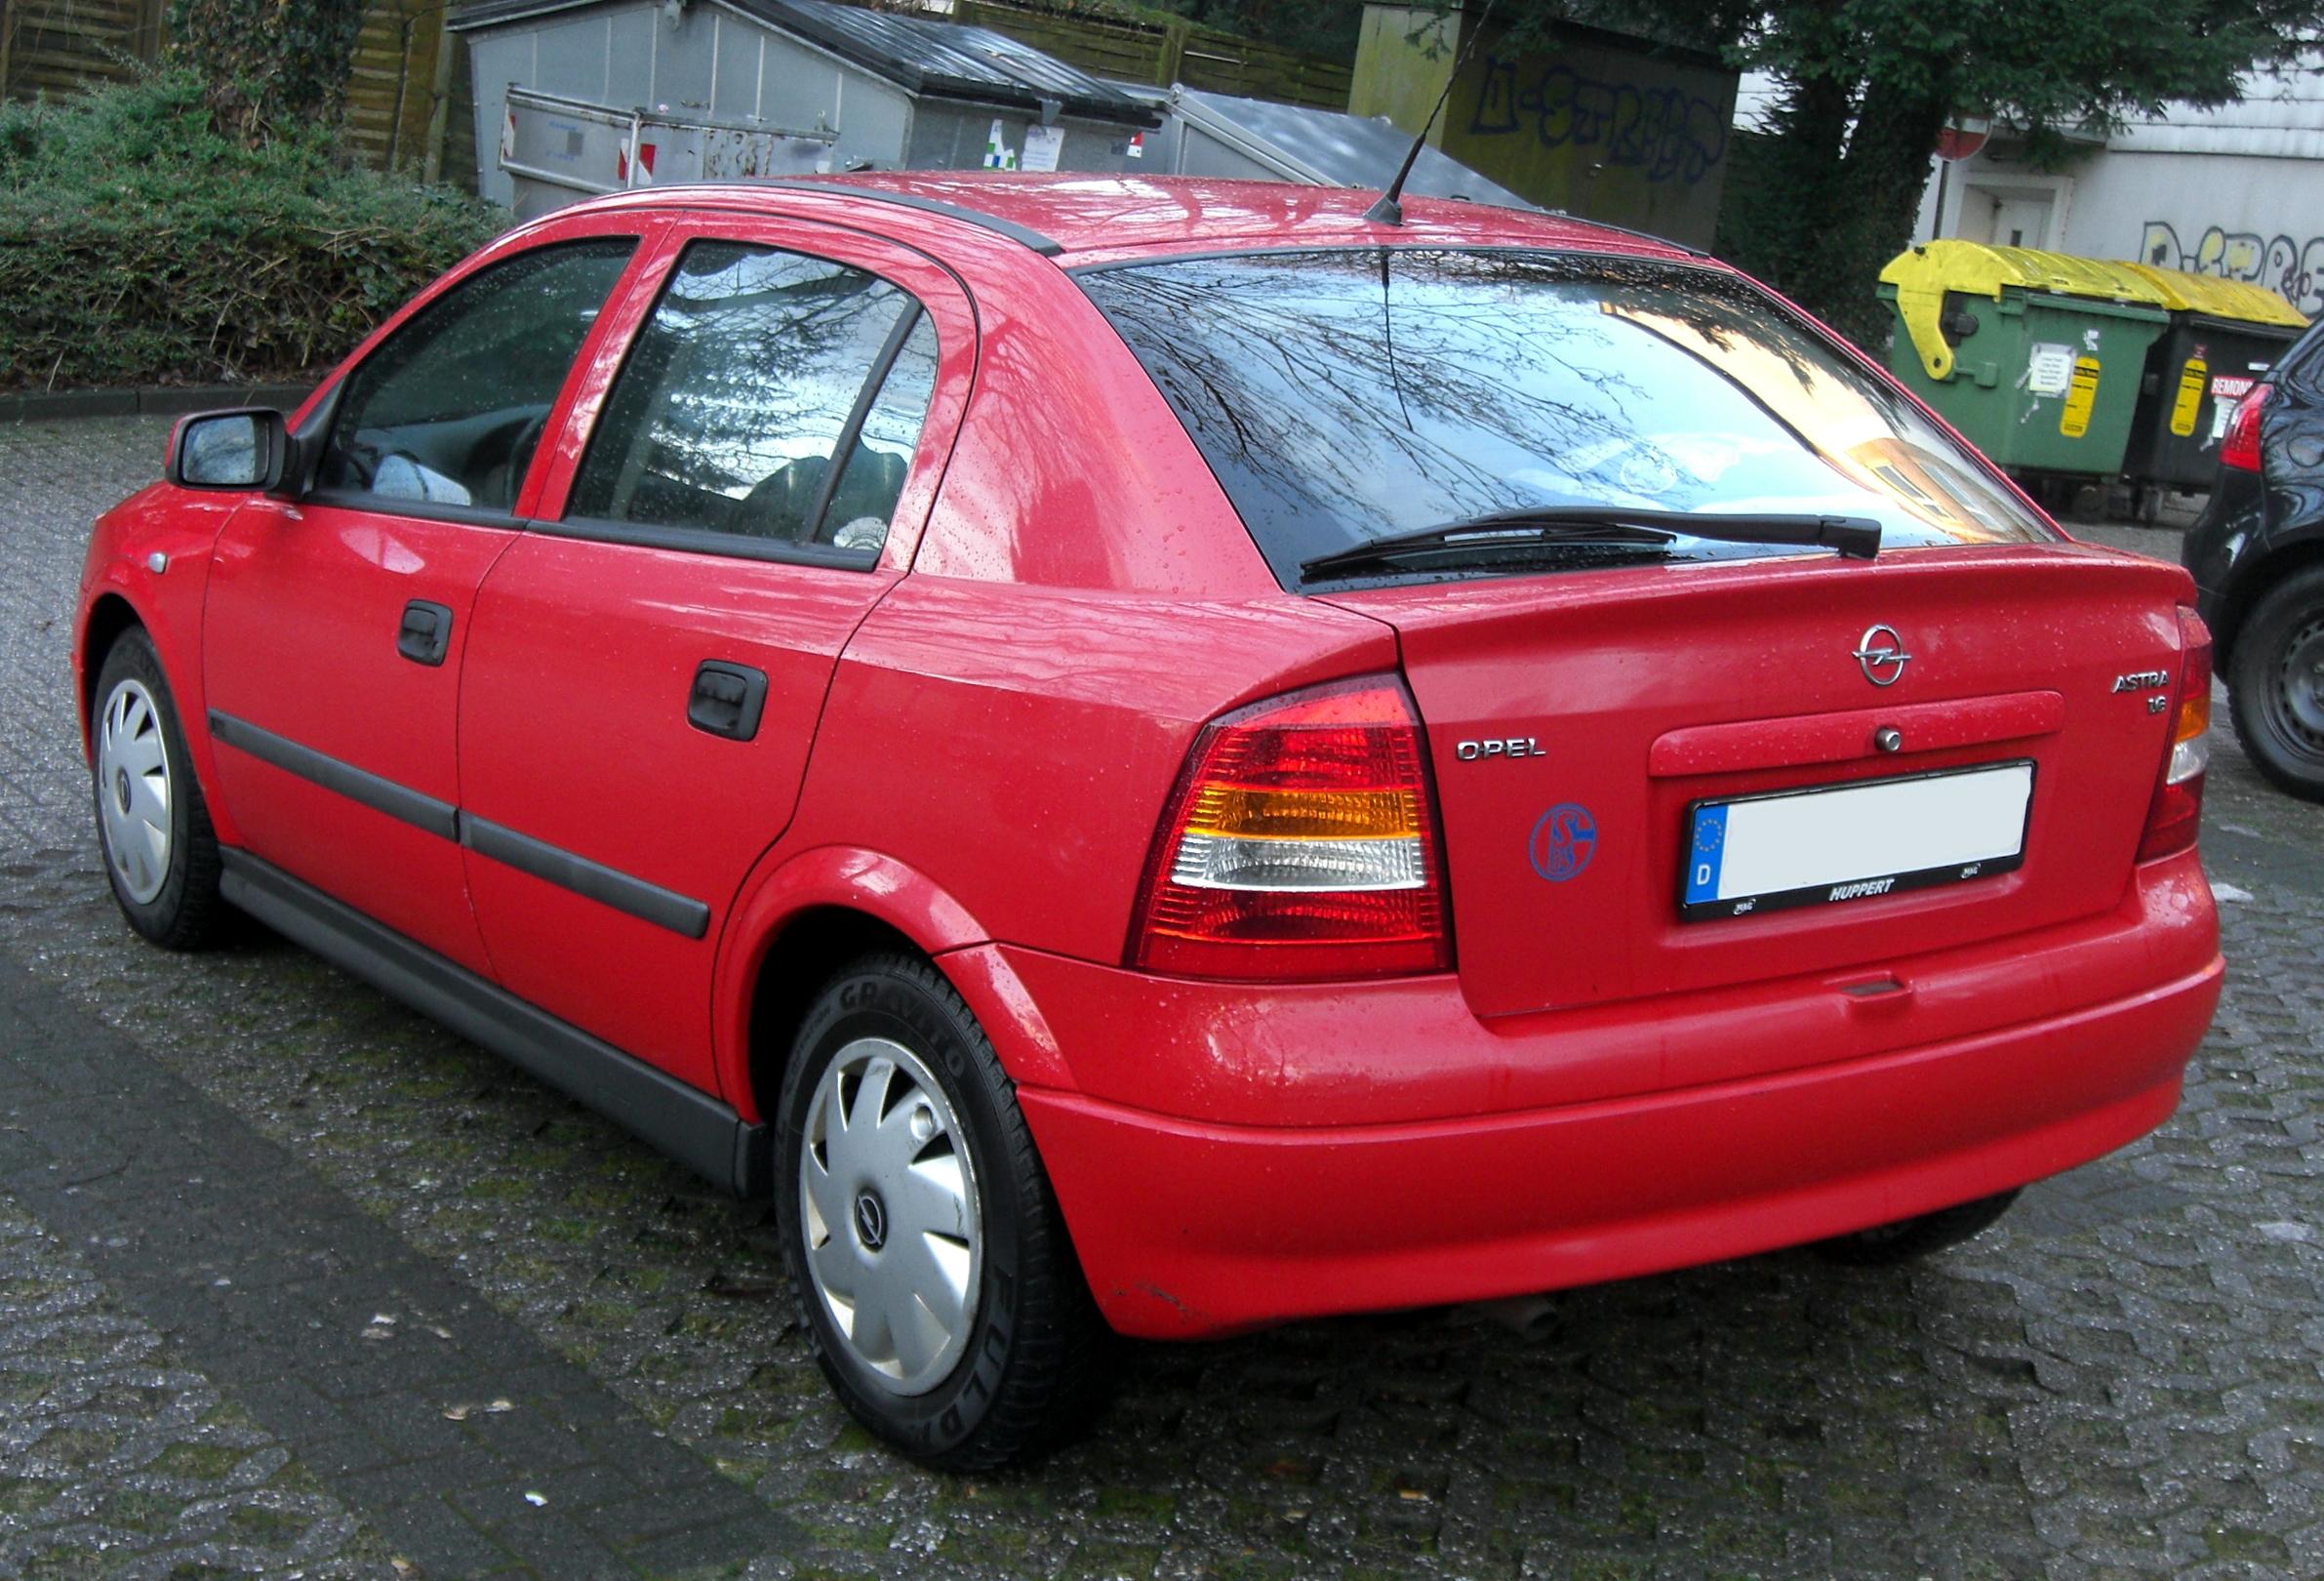 File:Opel Astra G rear.JPG - Wikimedia Commons